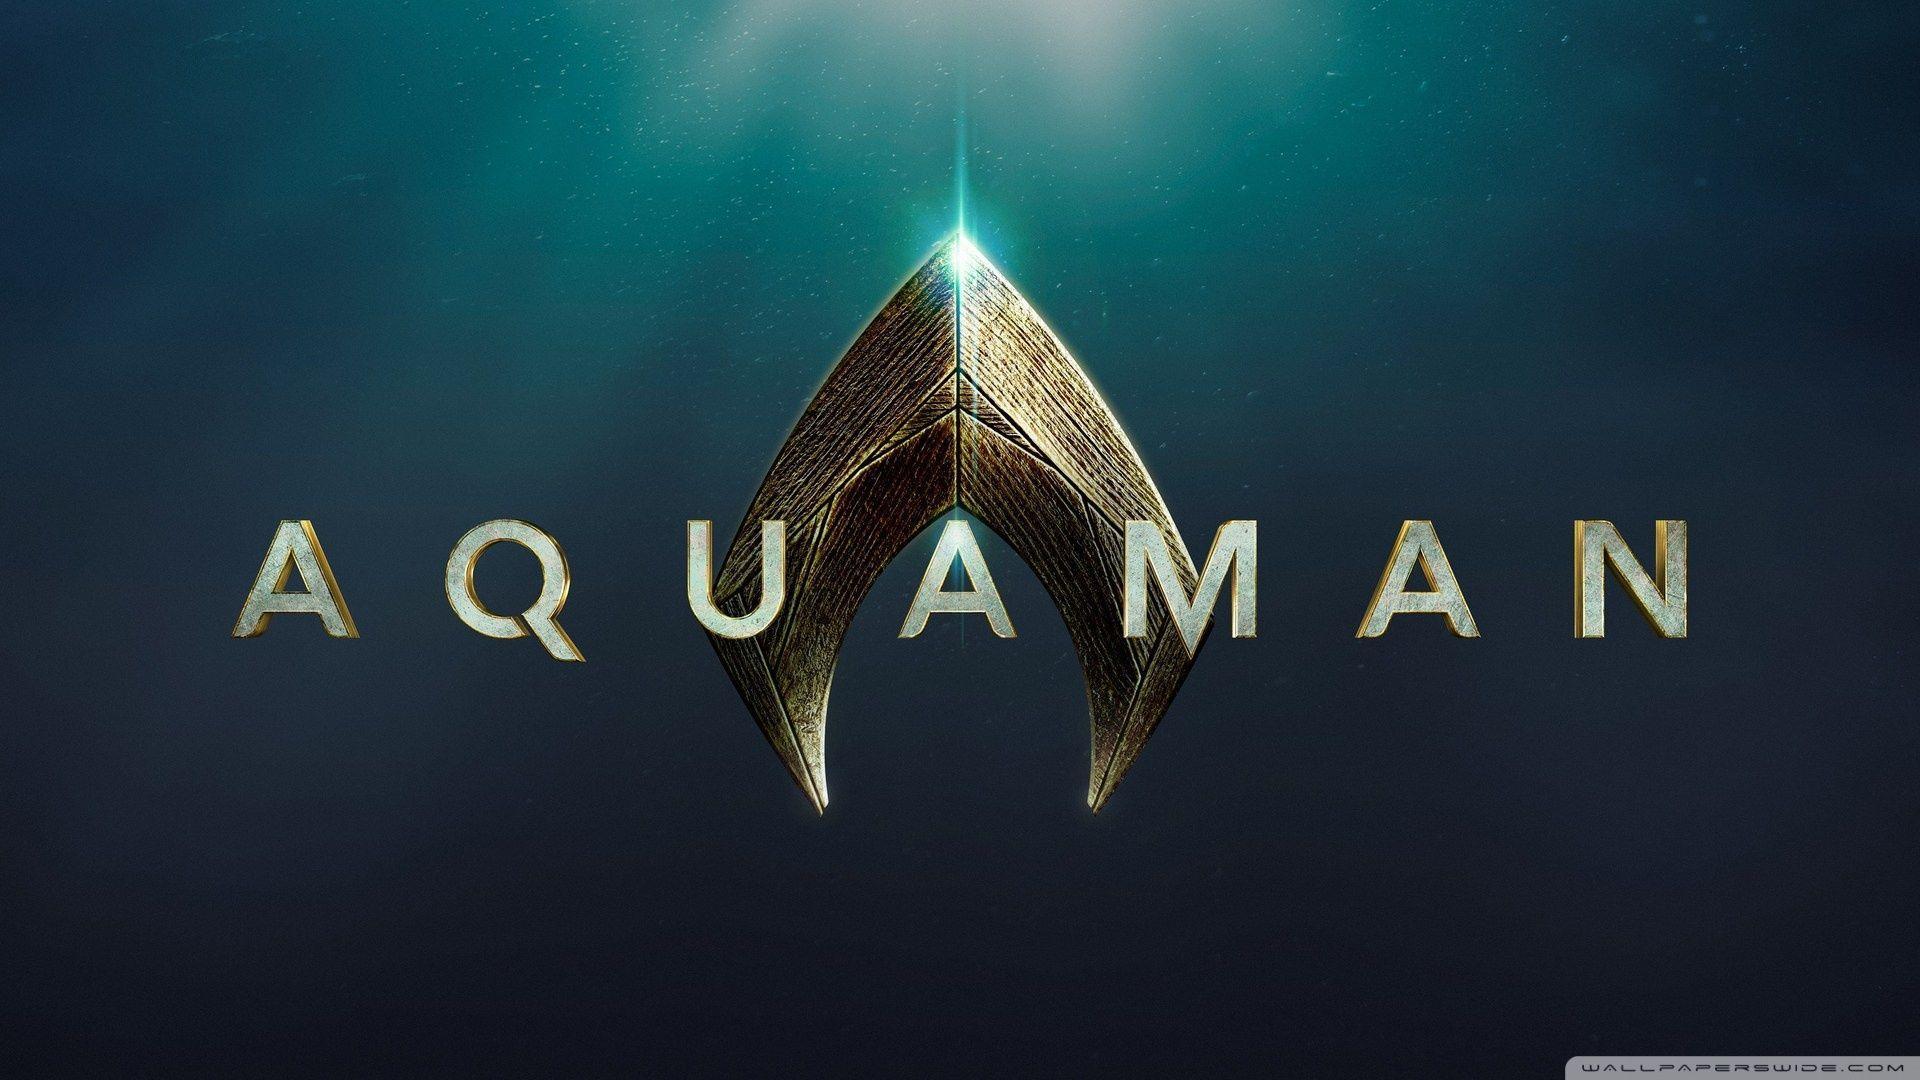 Aquaman Logo Wallpapers Wallpaper Cave